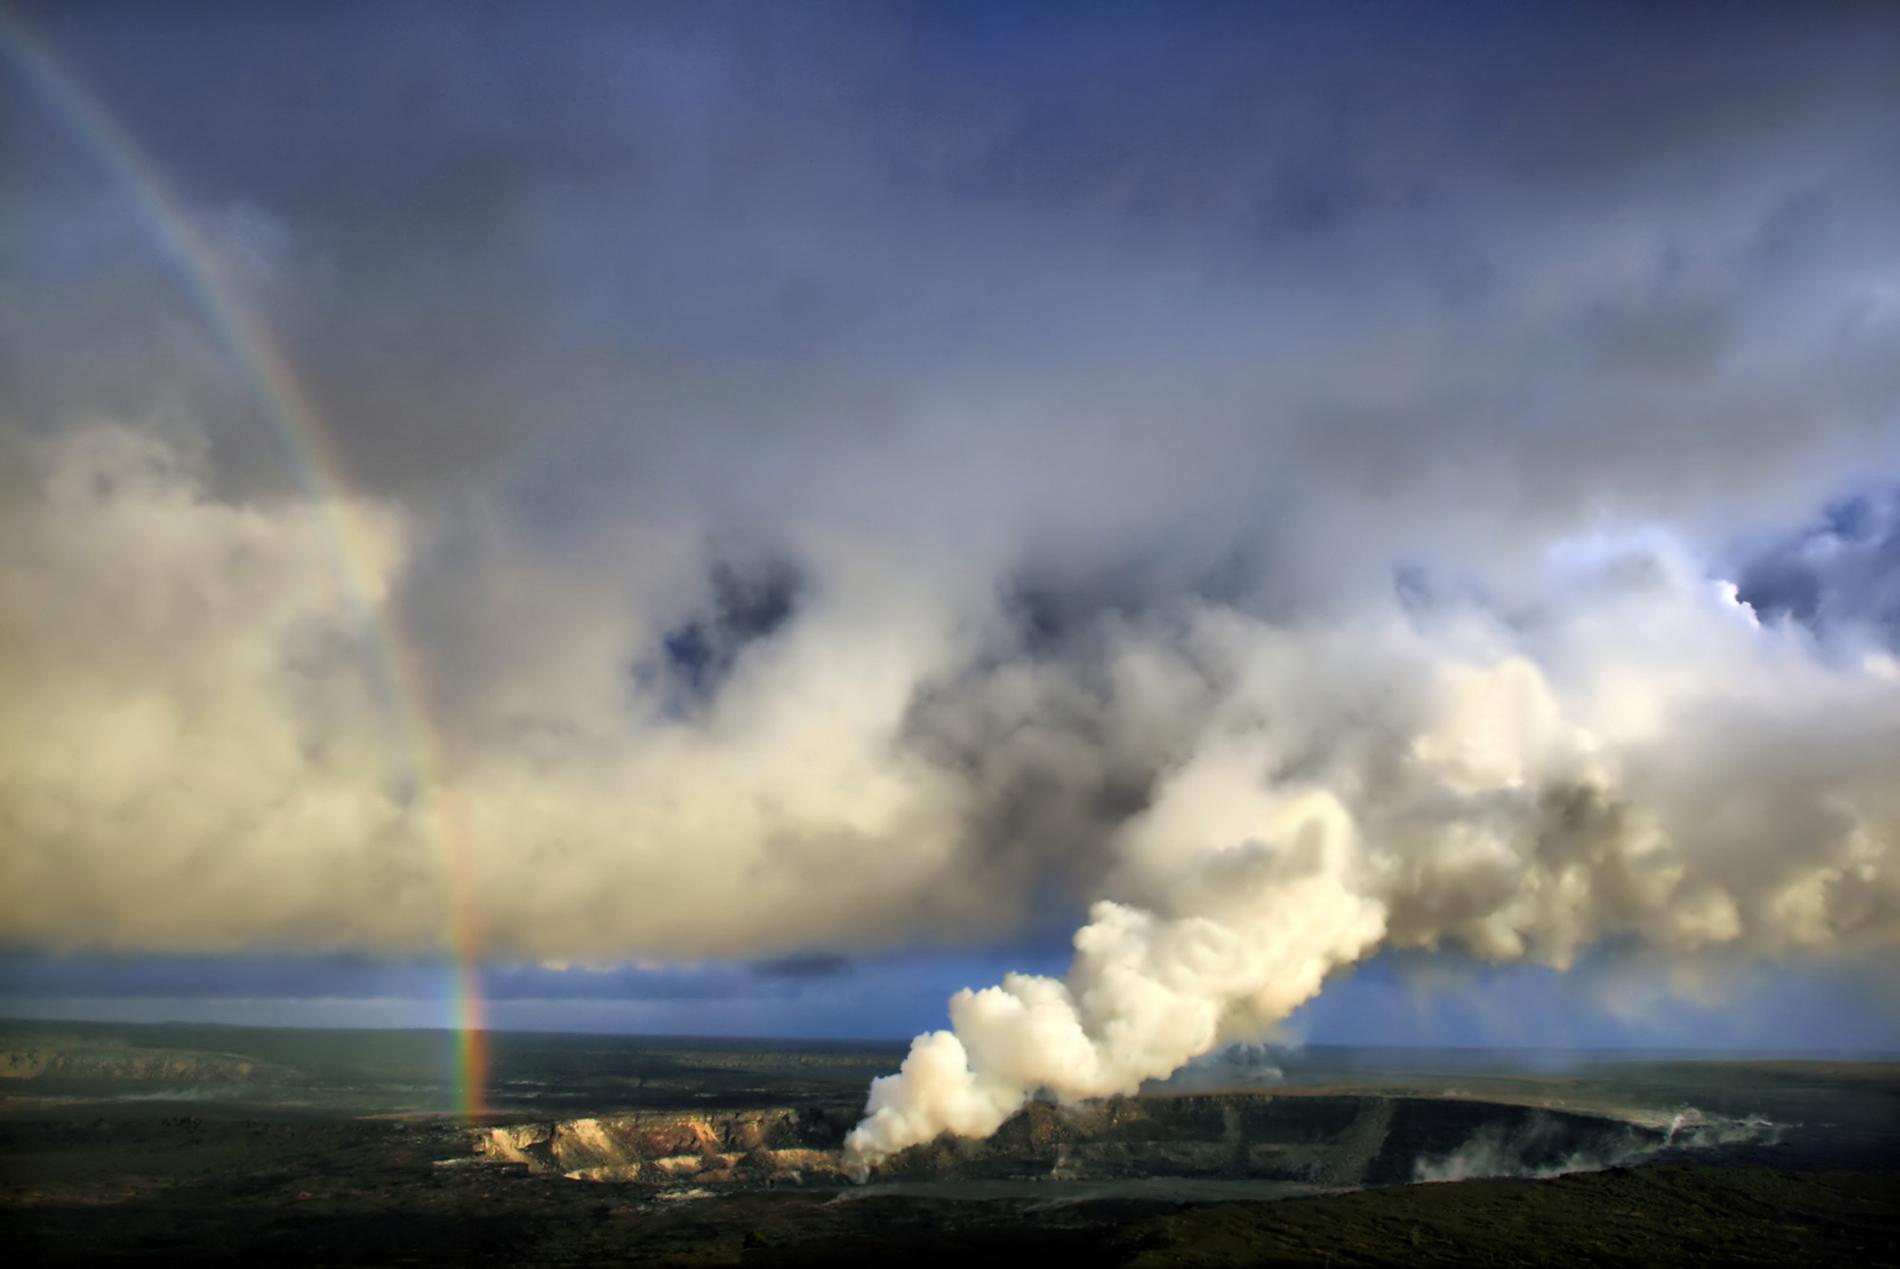 Arco iris y emisiones de dióxido de azufre con ceniza volcánica del cráter Halemaʻumaʻu, Kilauea. Foto: Brocken Inaglory.